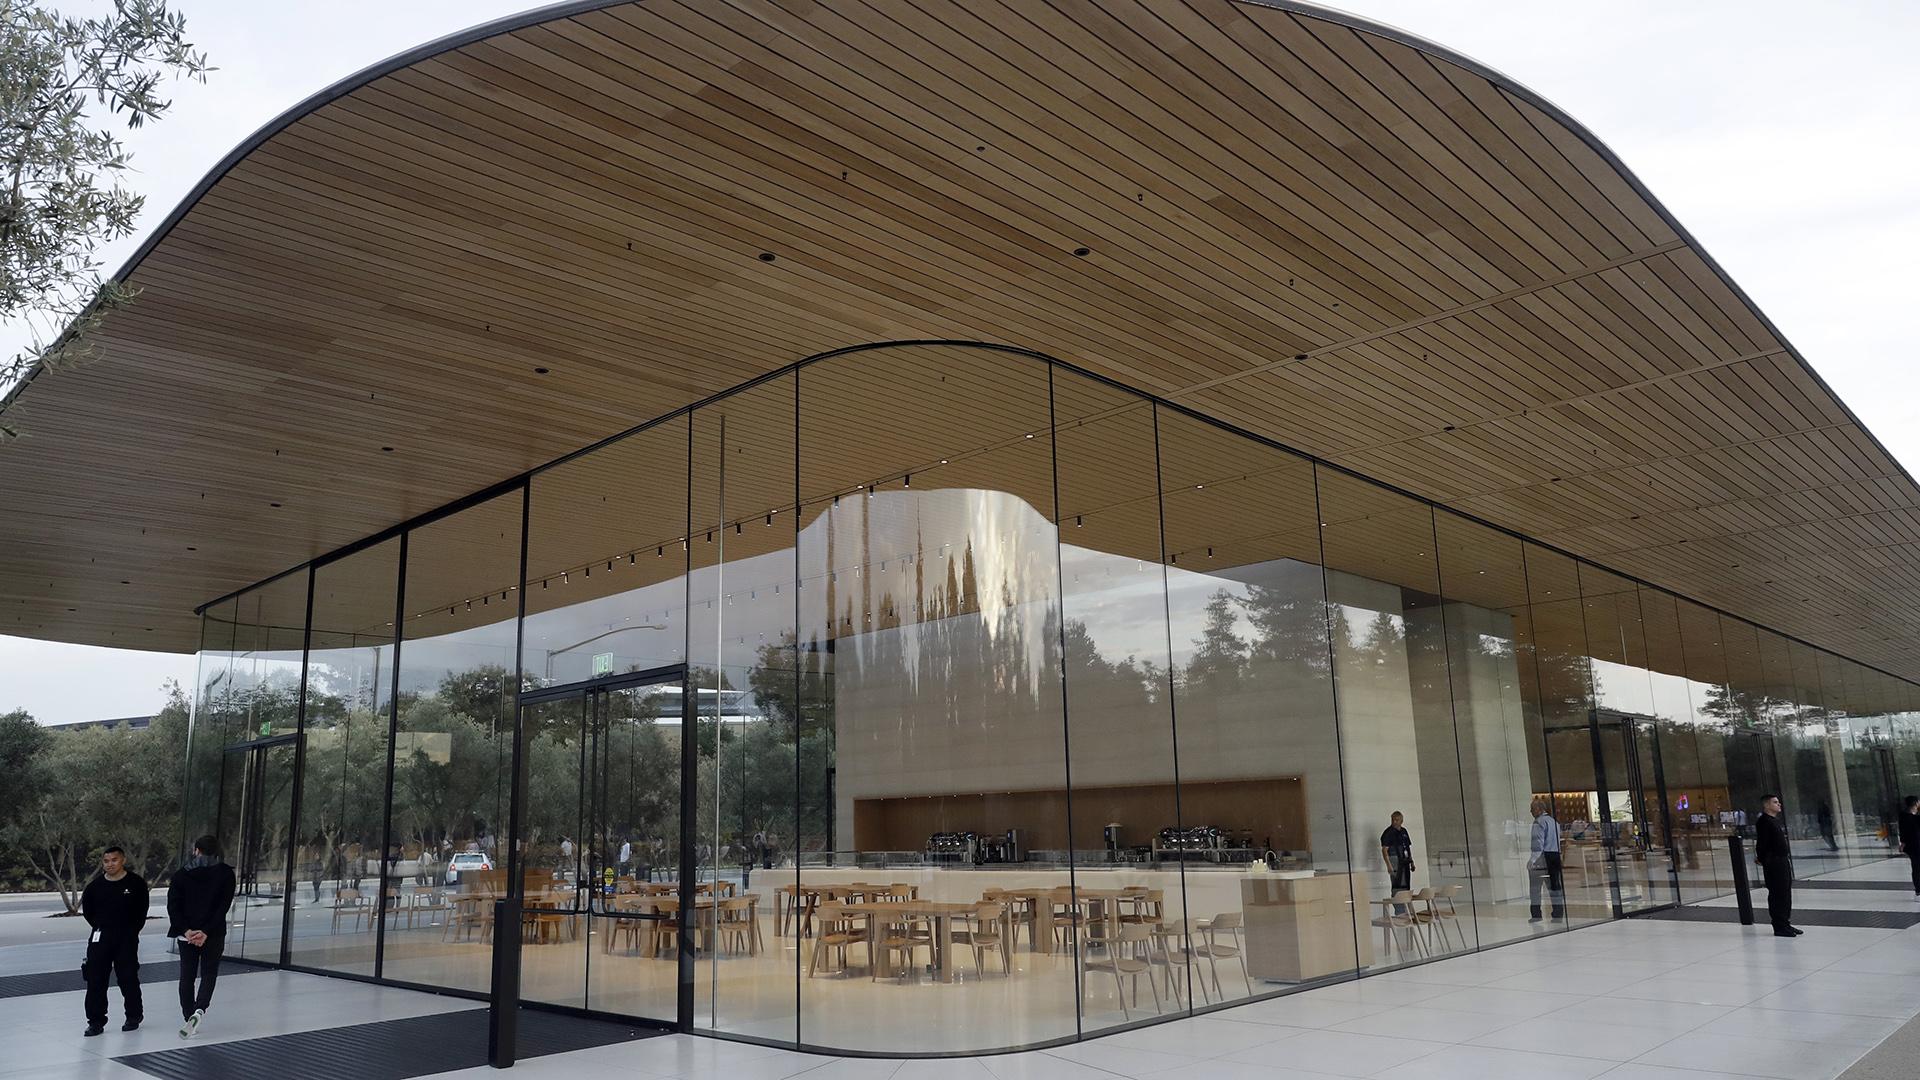 El edificio fue diseñado por el arquitecto británico Norman Foster